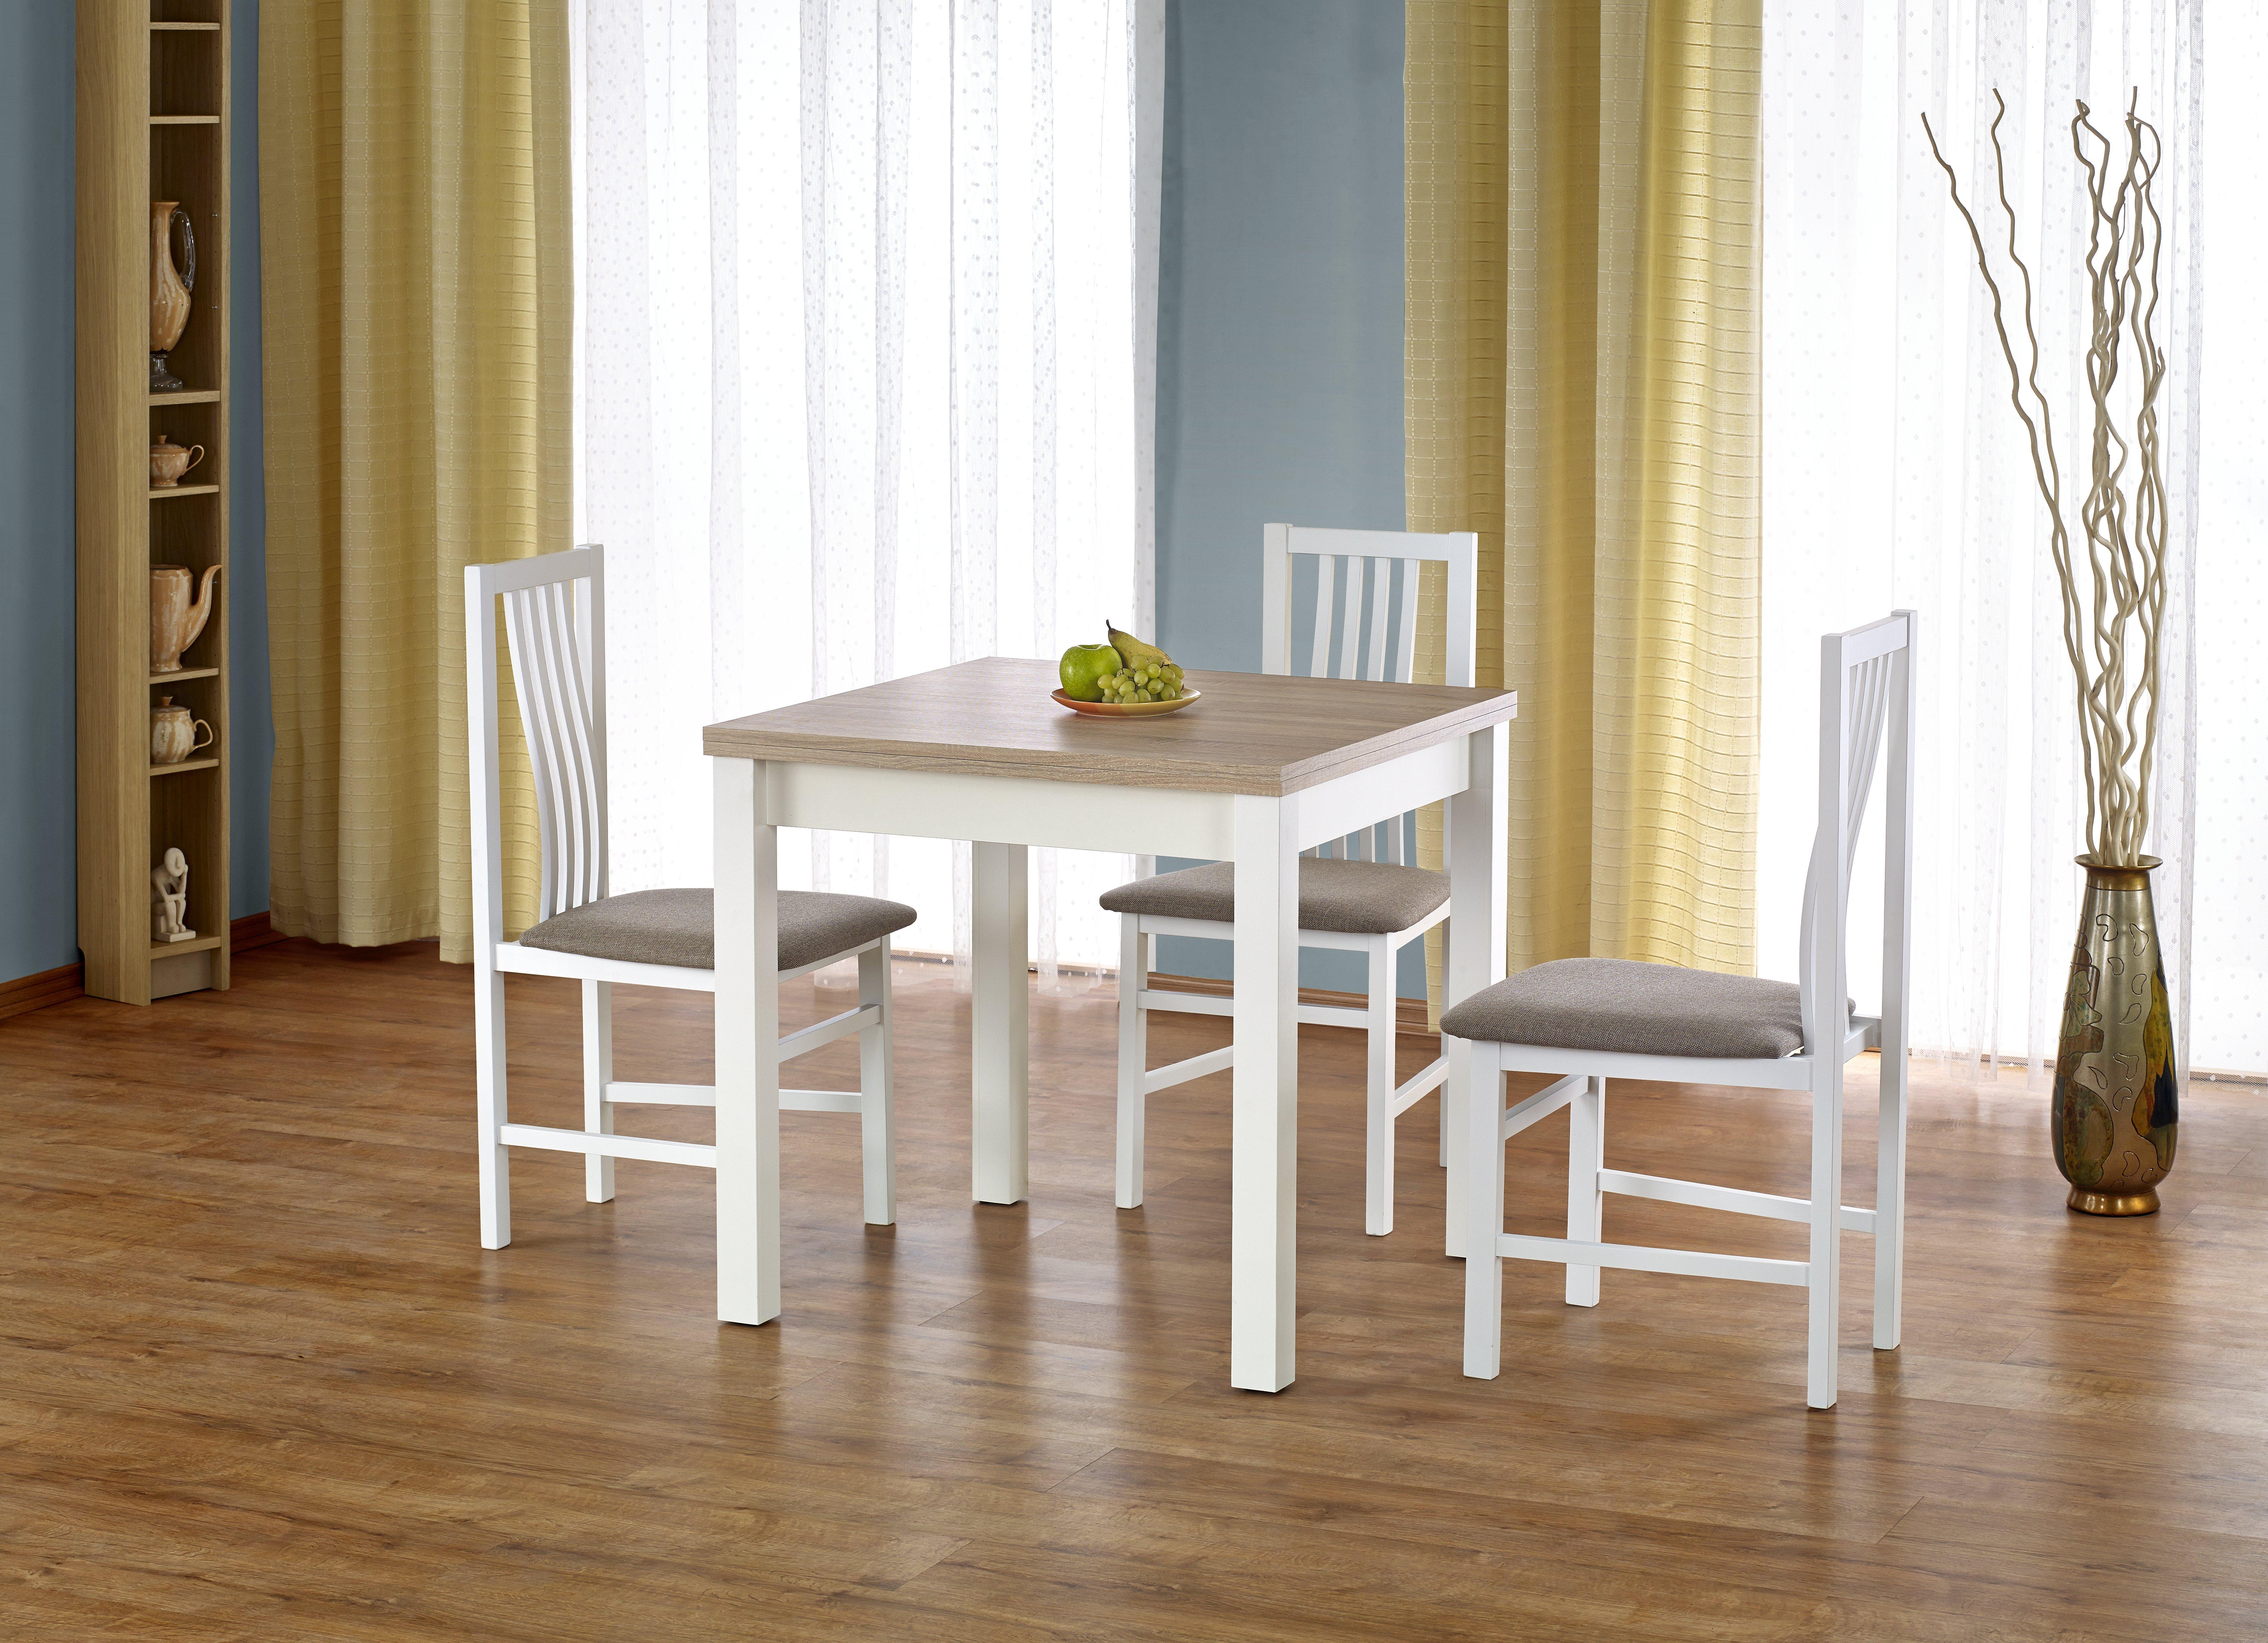 Jídelní stůl - Halmar - Gracjan (dub sonoma + bílá) (pro 4 až 6 osob)